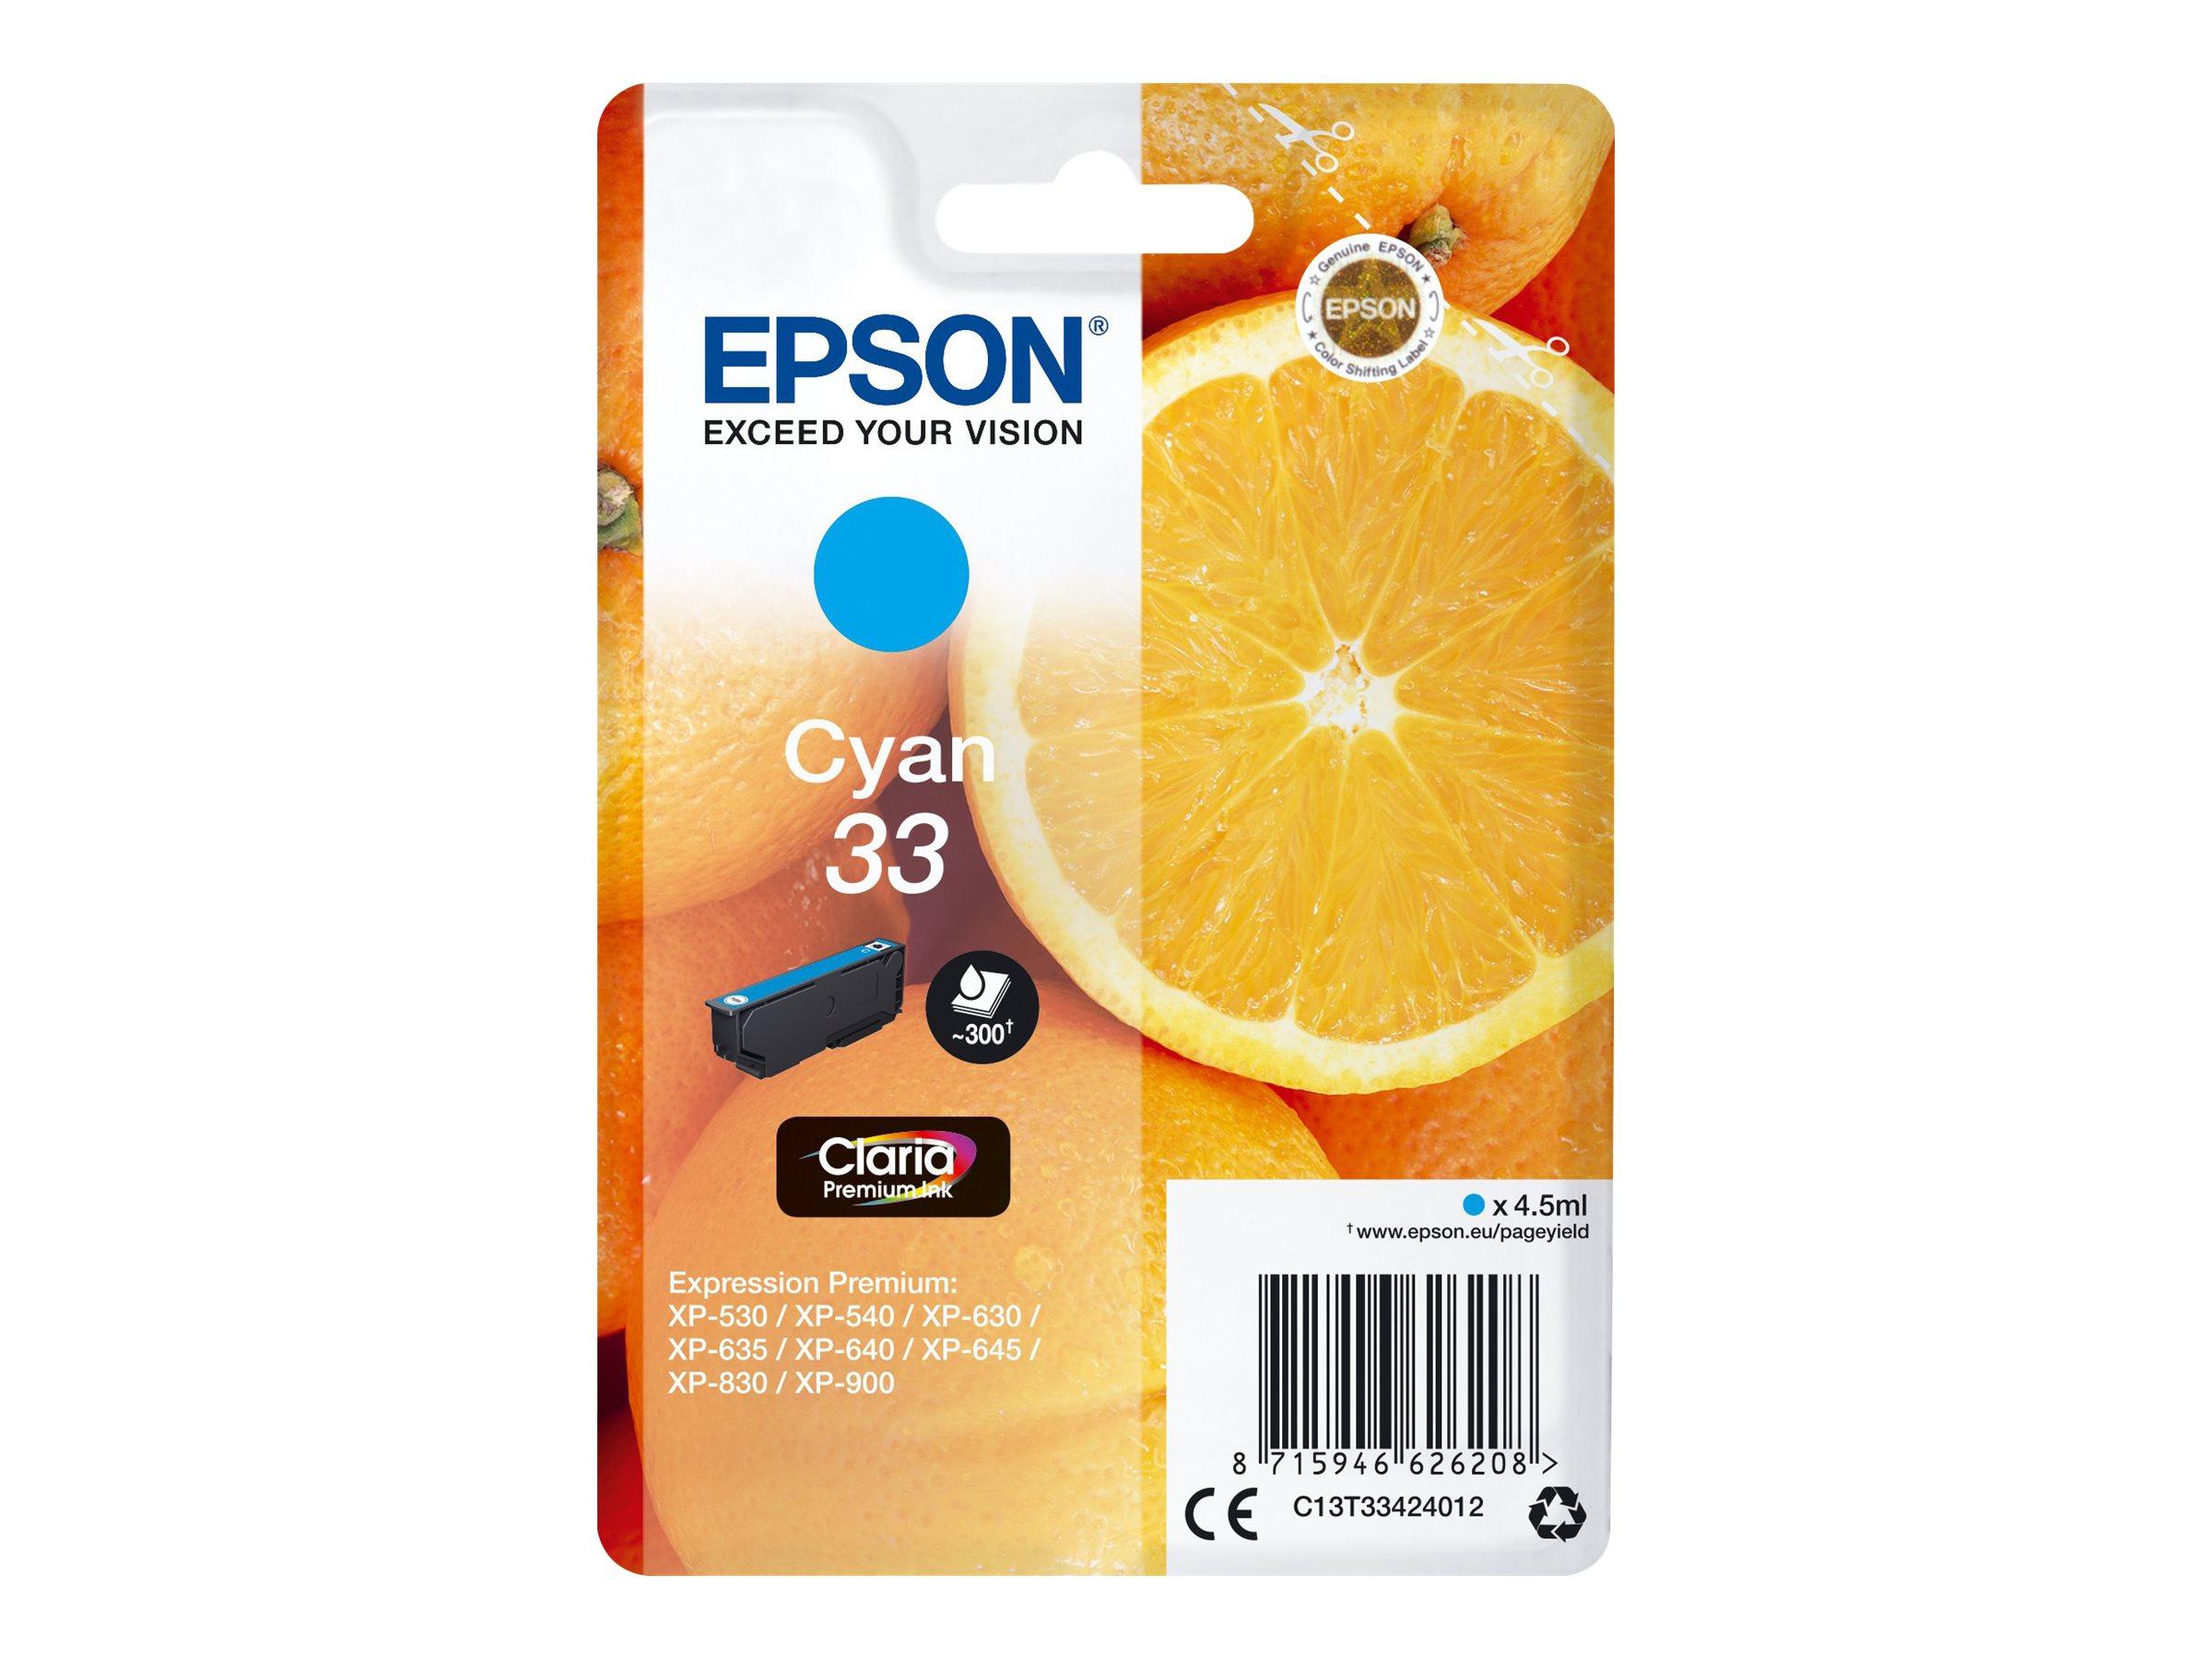 Epson T33 - oranges - cyan - originale - cartouche d'encre